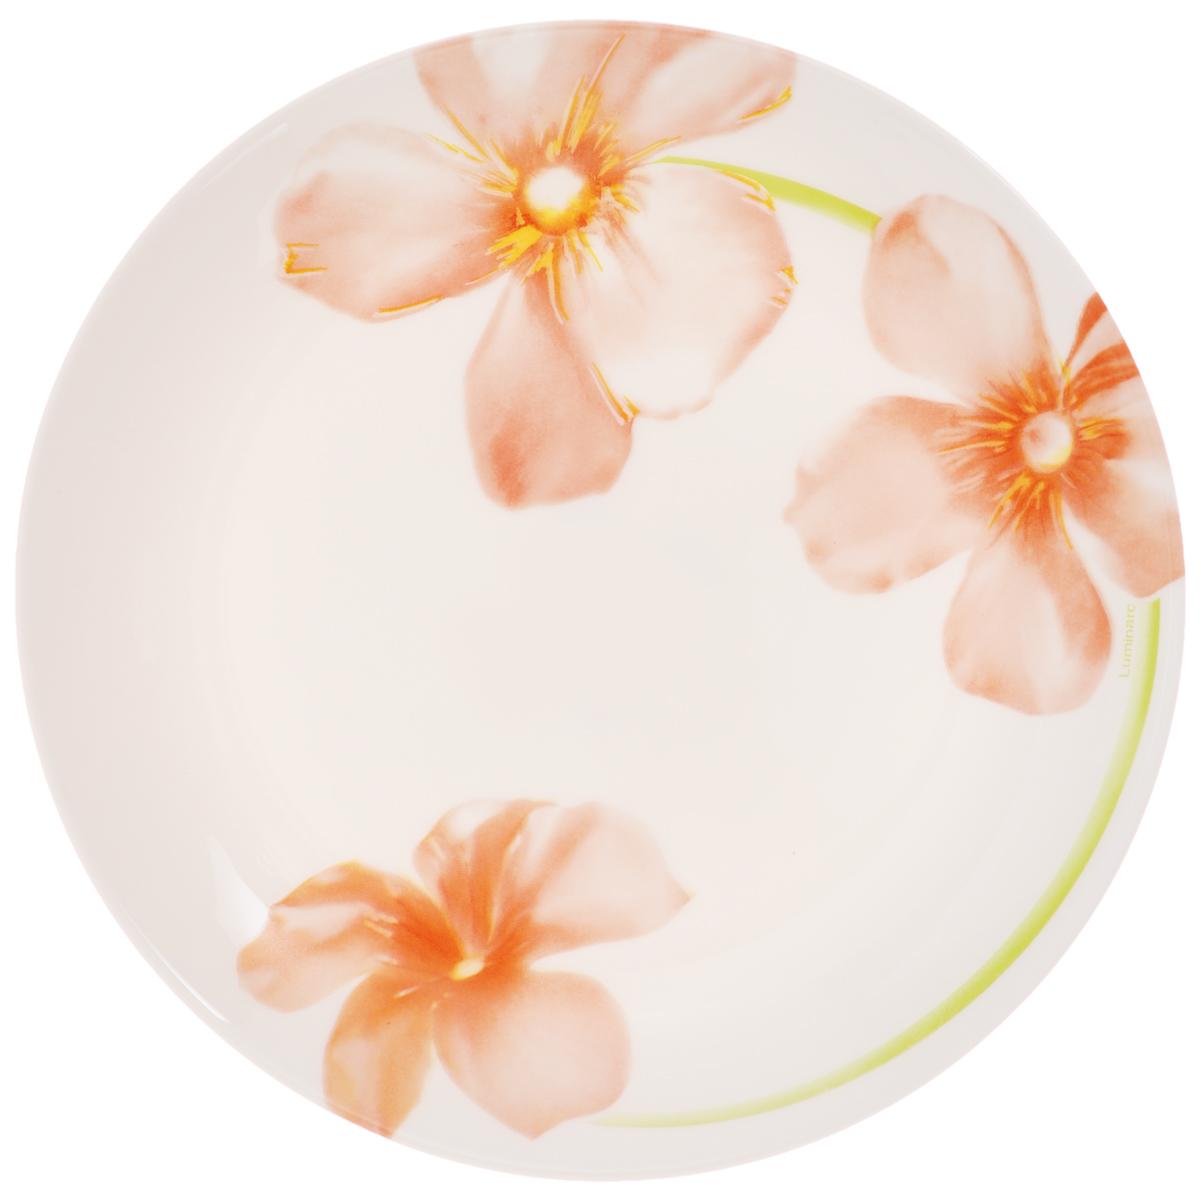 Тарелка десертная Luminarc Sweet Impression, диаметр 19 смJ1333Десертная тарелка Luminarc Sweet Impression, изготовленная из ударопрочного стекла, имеет изысканный внешний вид. Такая тарелка прекрасно подходит как для торжественных случаев, так и для повседневного использования. Идеальна для подачи десертов, пирожных, тортов и многого другого. Она прекрасно оформит стол и станет отличным дополнением к вашей коллекции кухонной посуды. Диаметр тарелки (по верхнему краю): 19 см.